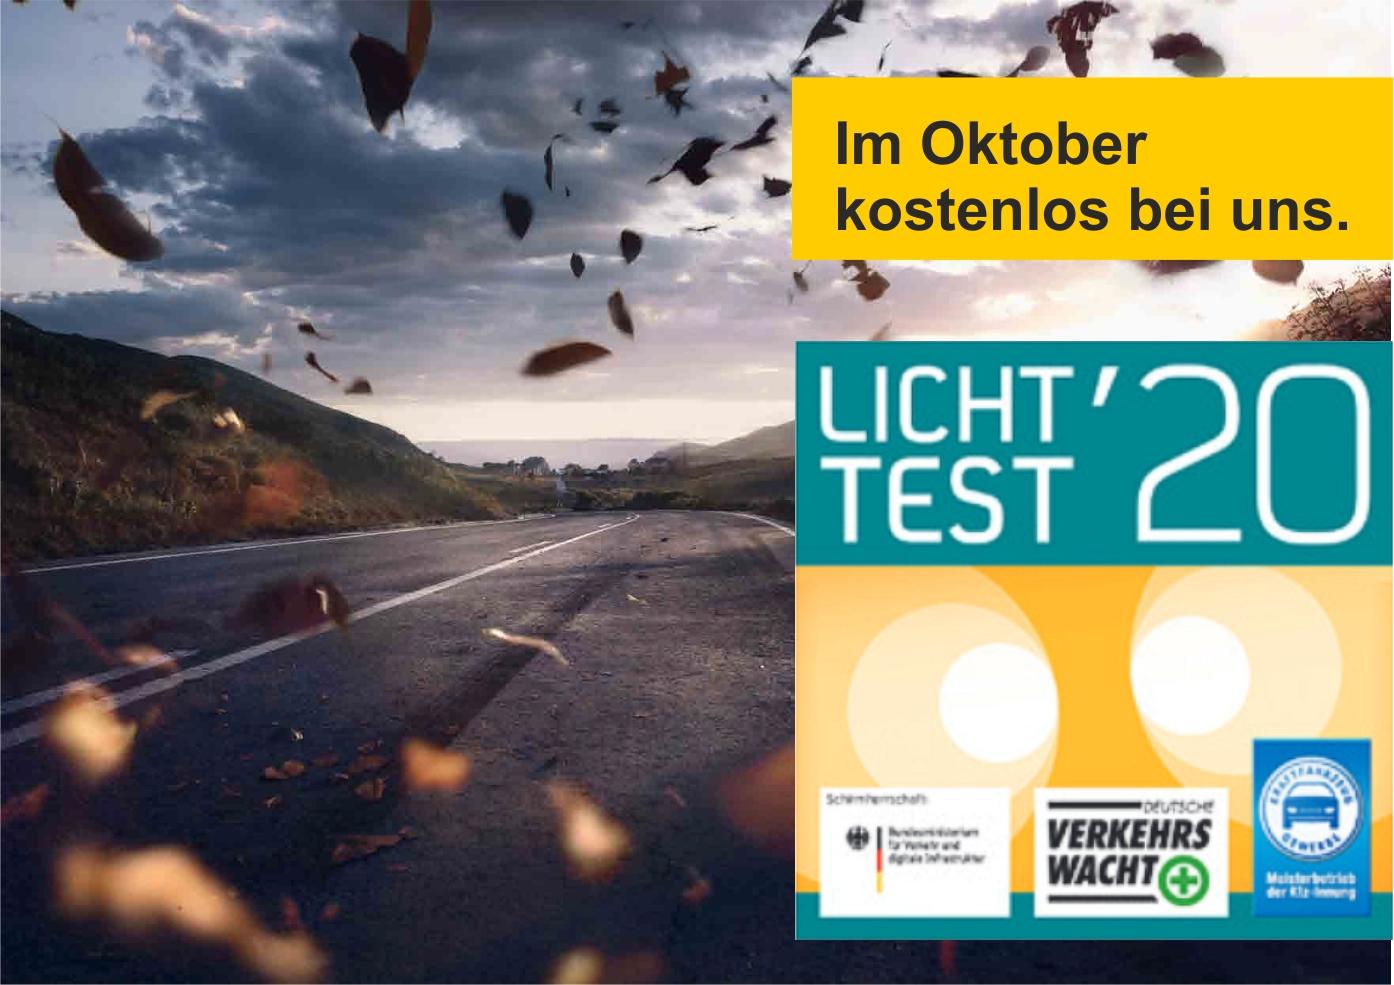 Image for Noch schnell mit den Licht- und Sichtwochen.